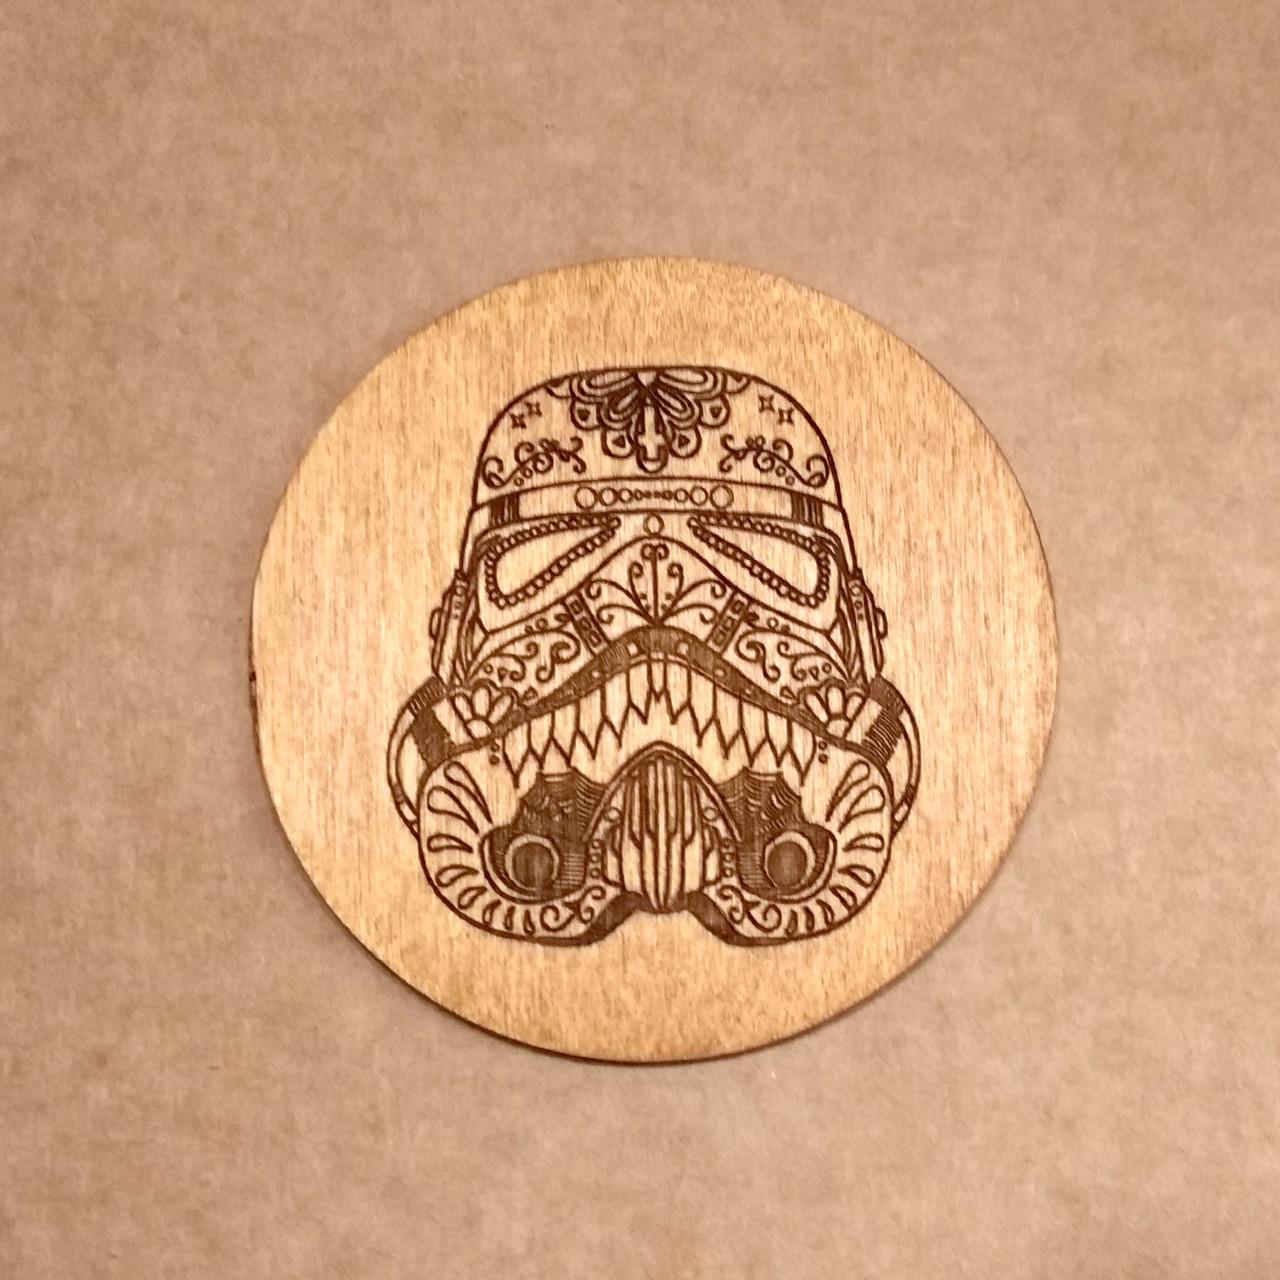 Подставка под кружку. Костер с лазерной гравировкой. Костер деревянный. Подставка под кружку штурмовик.